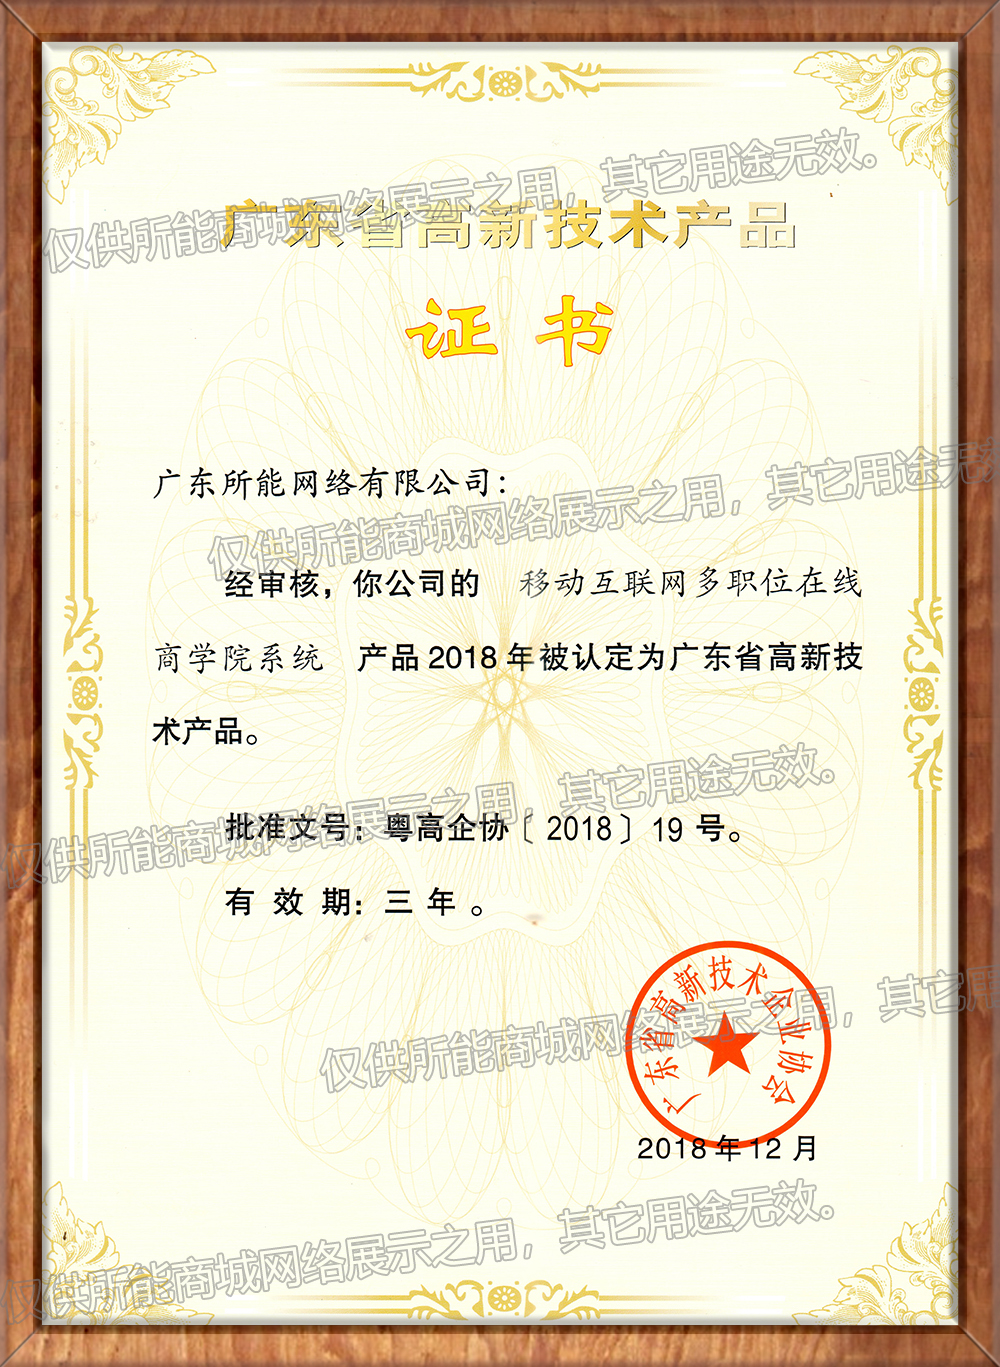 广东省高新技术产品-移动互联网在线商学院系统